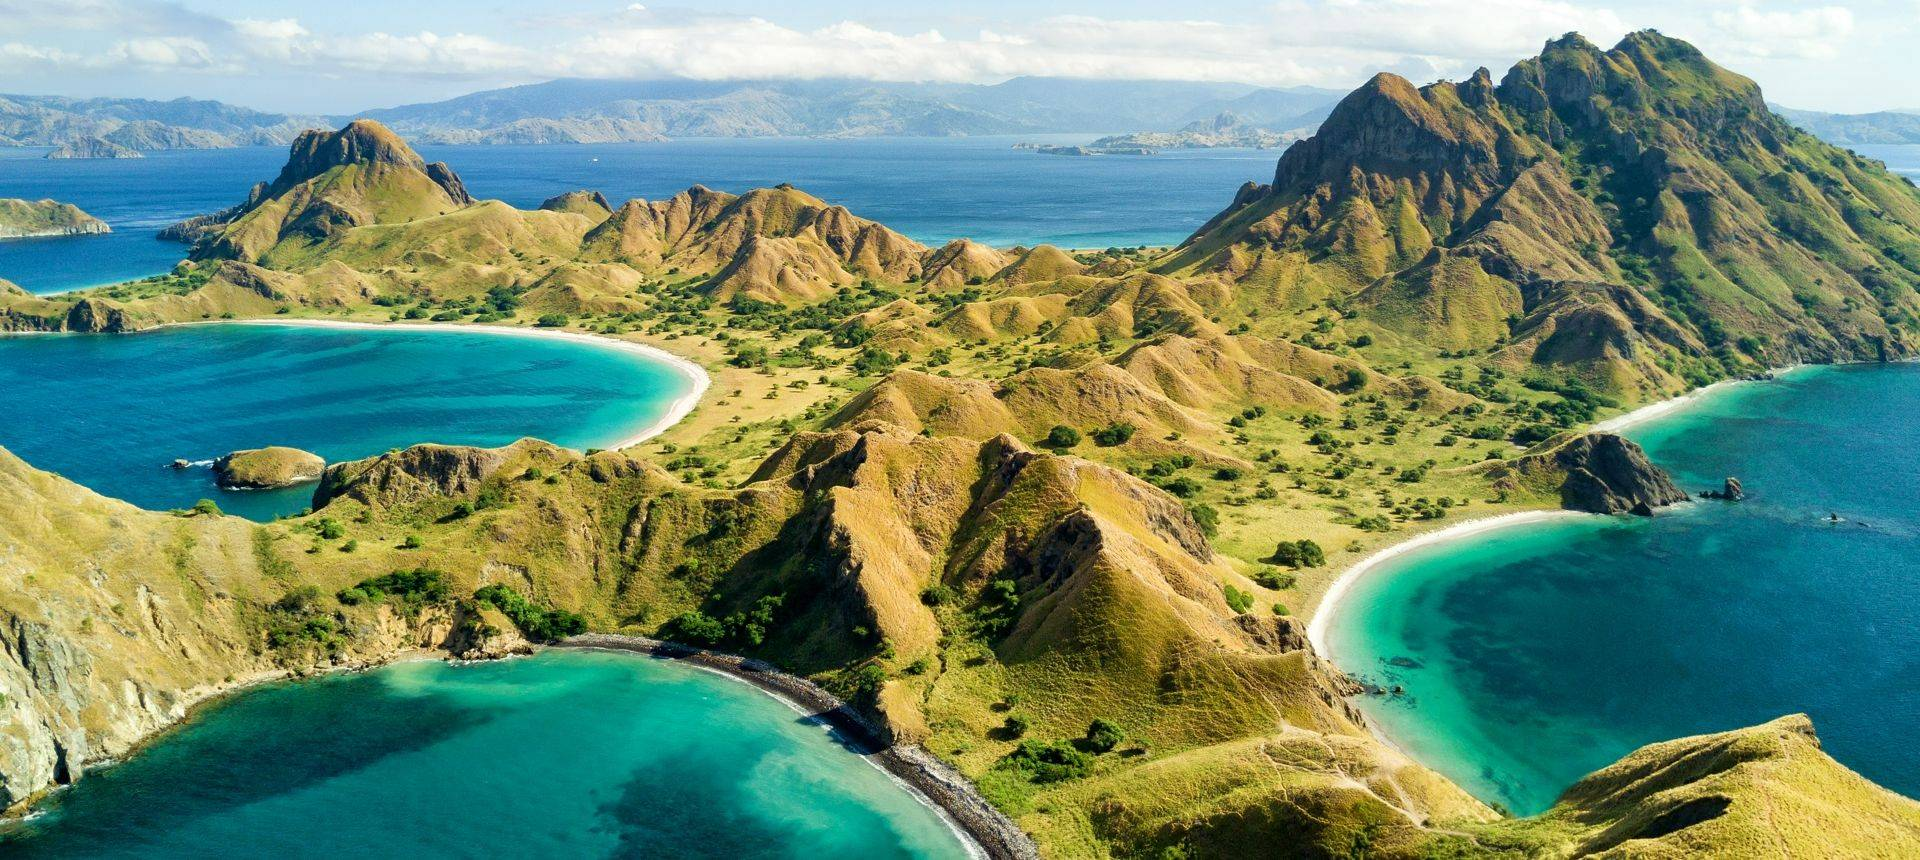 Pulau Padar Island Indonesia Shutterstock 669239707